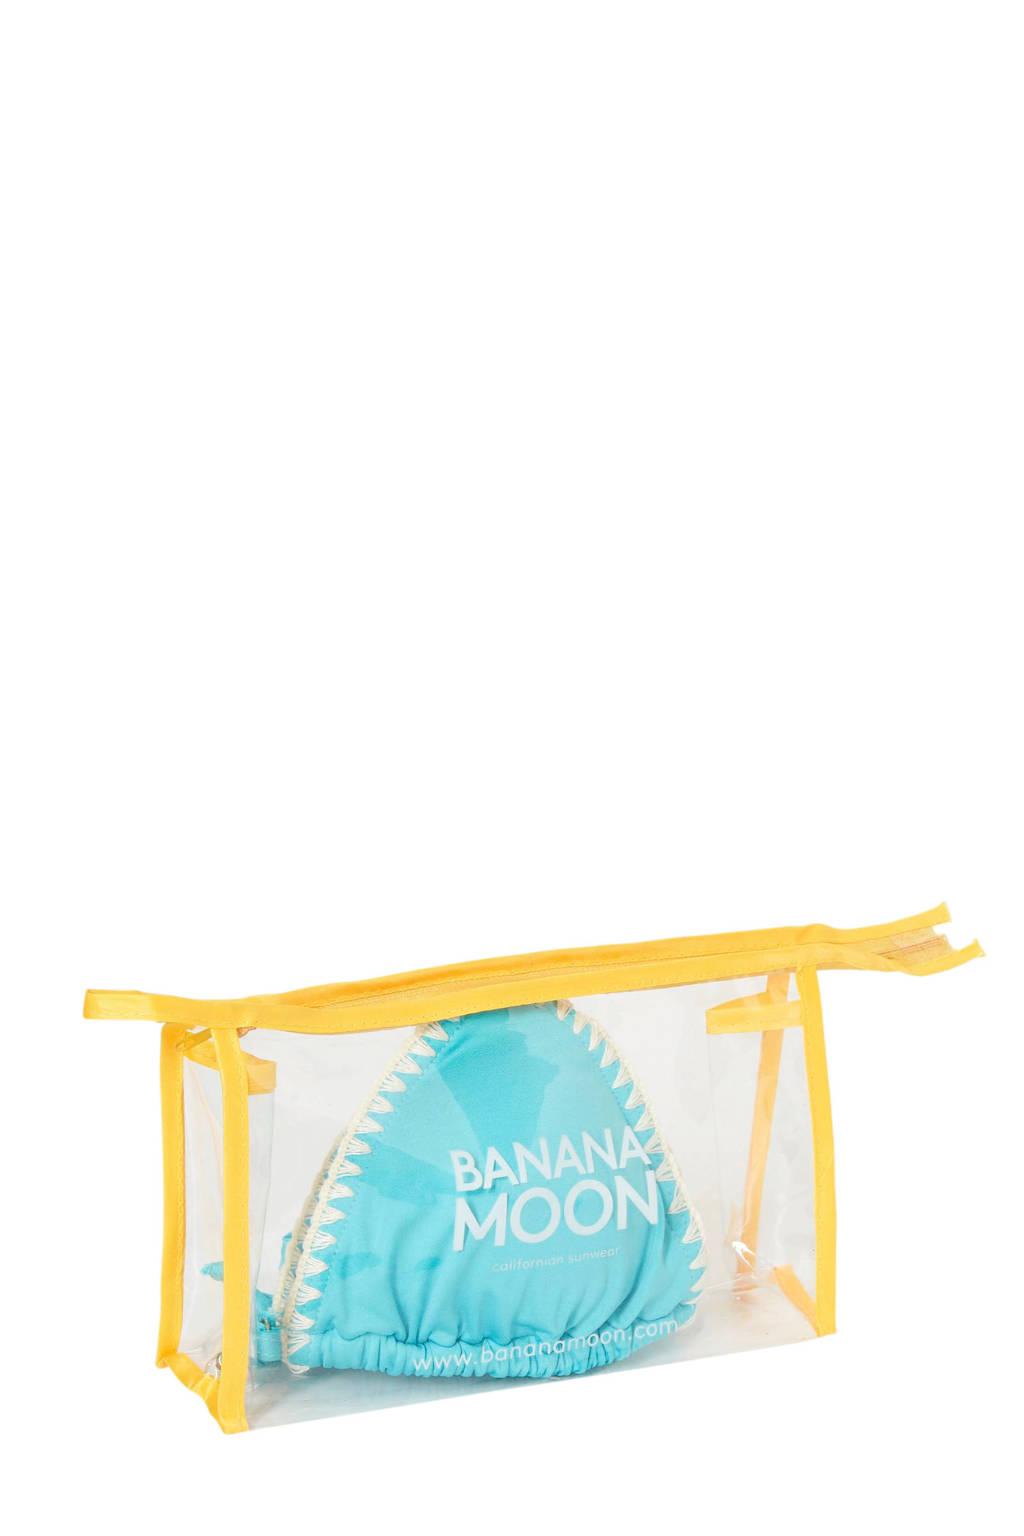 Schelpjes Banana Banana Turquoise Moontriangeltop Met Moontriangeltop w7PnO7qg